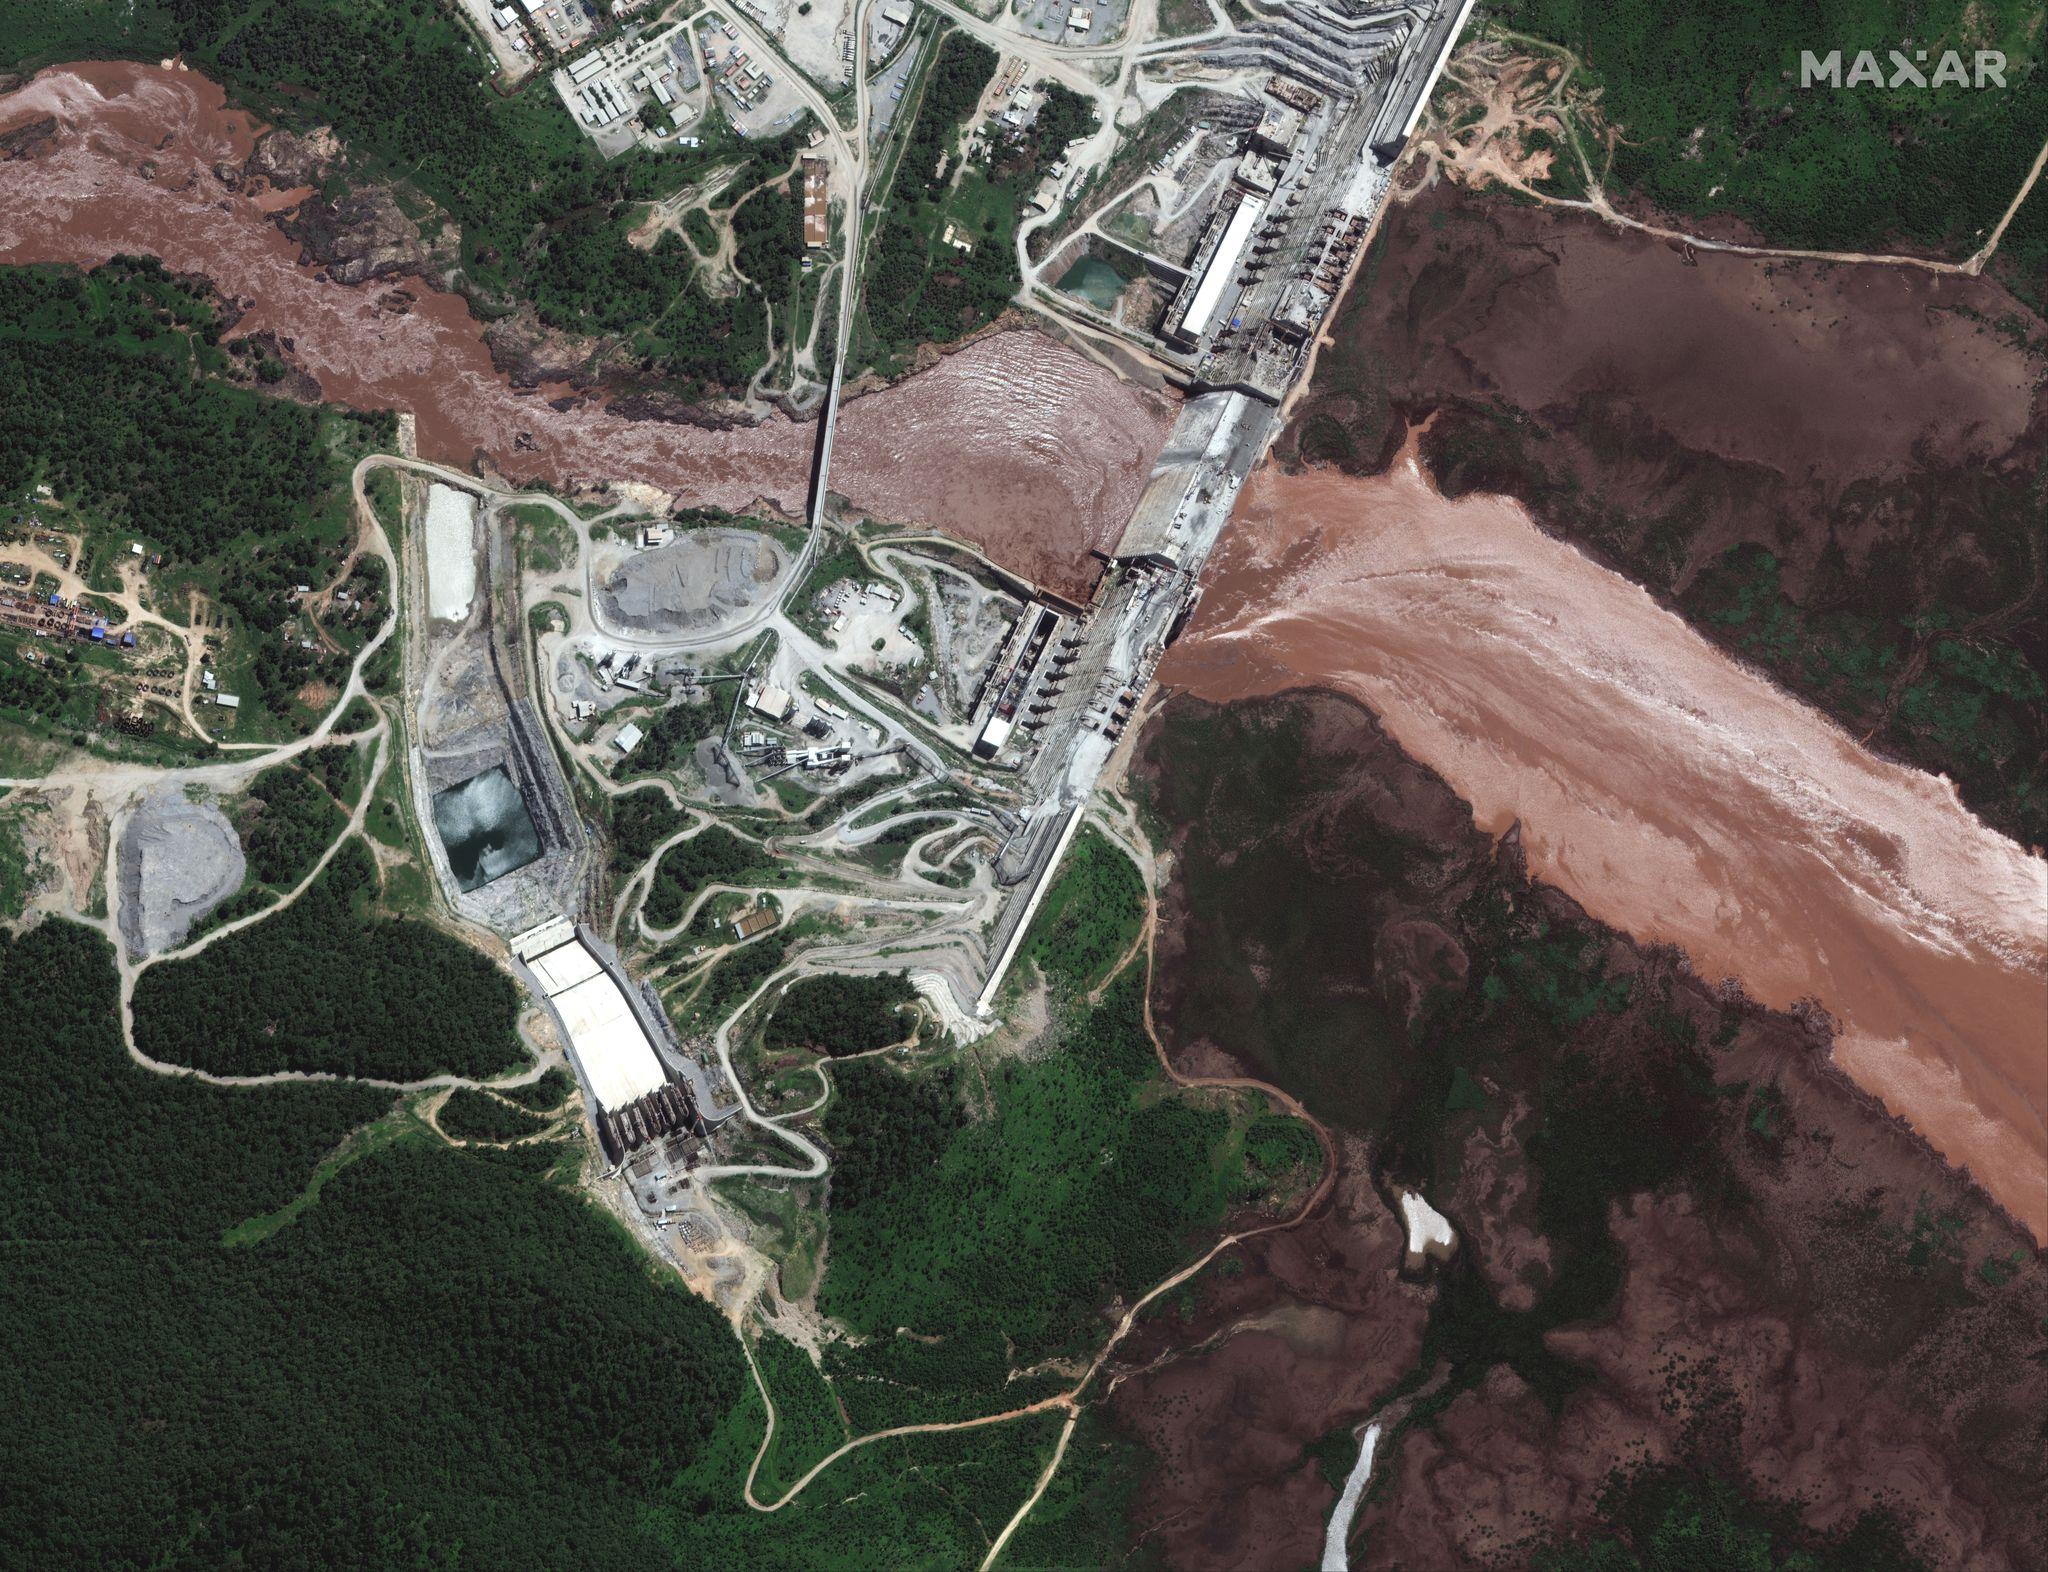 [서소문사진관] 담수에만 4년 걸리는 나일강 상류 초대형 댐, 이집트와 에티오피아 물싸움 격화